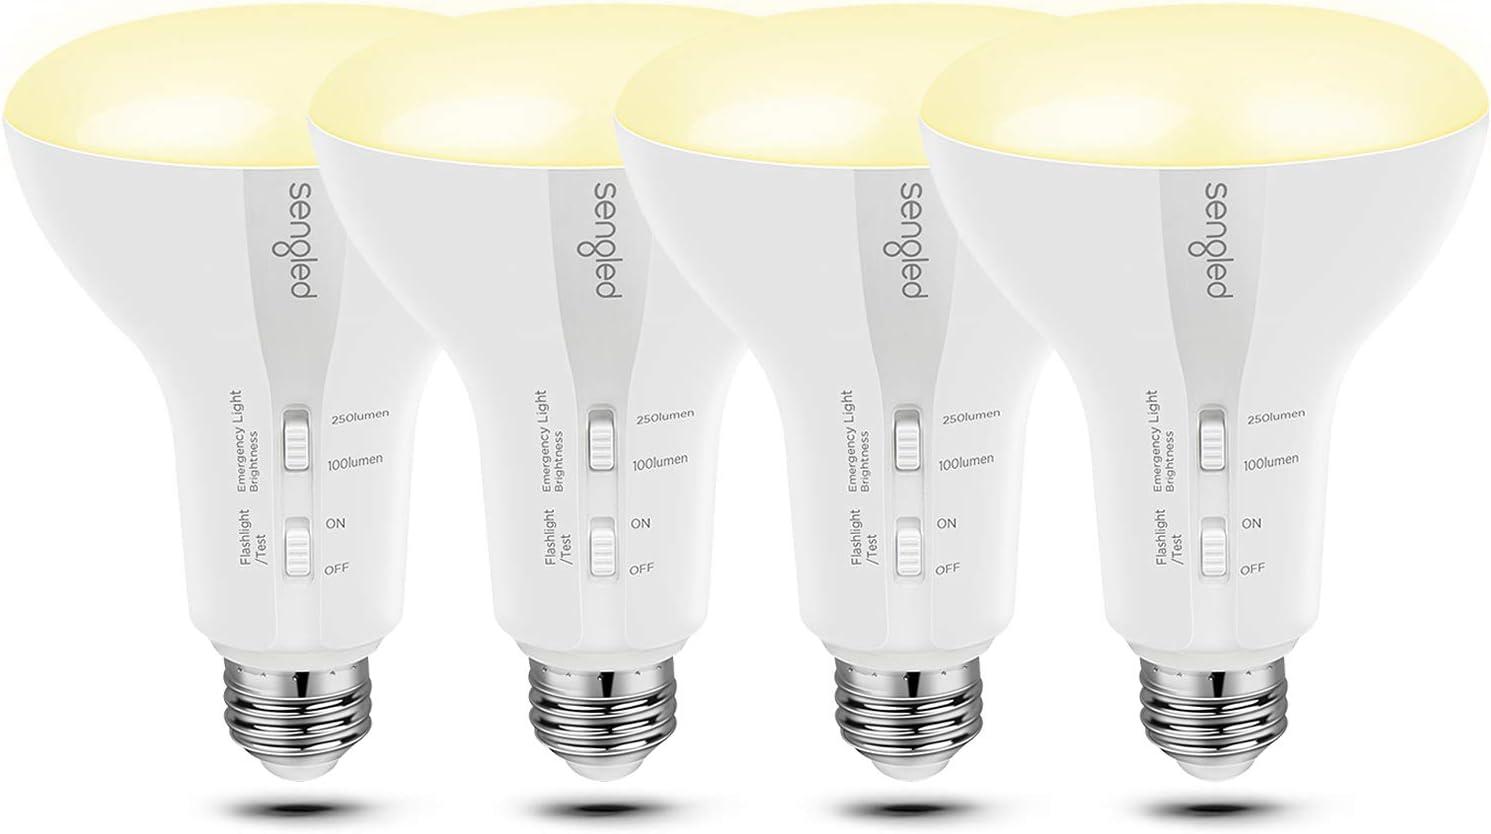 battery backup light bulb